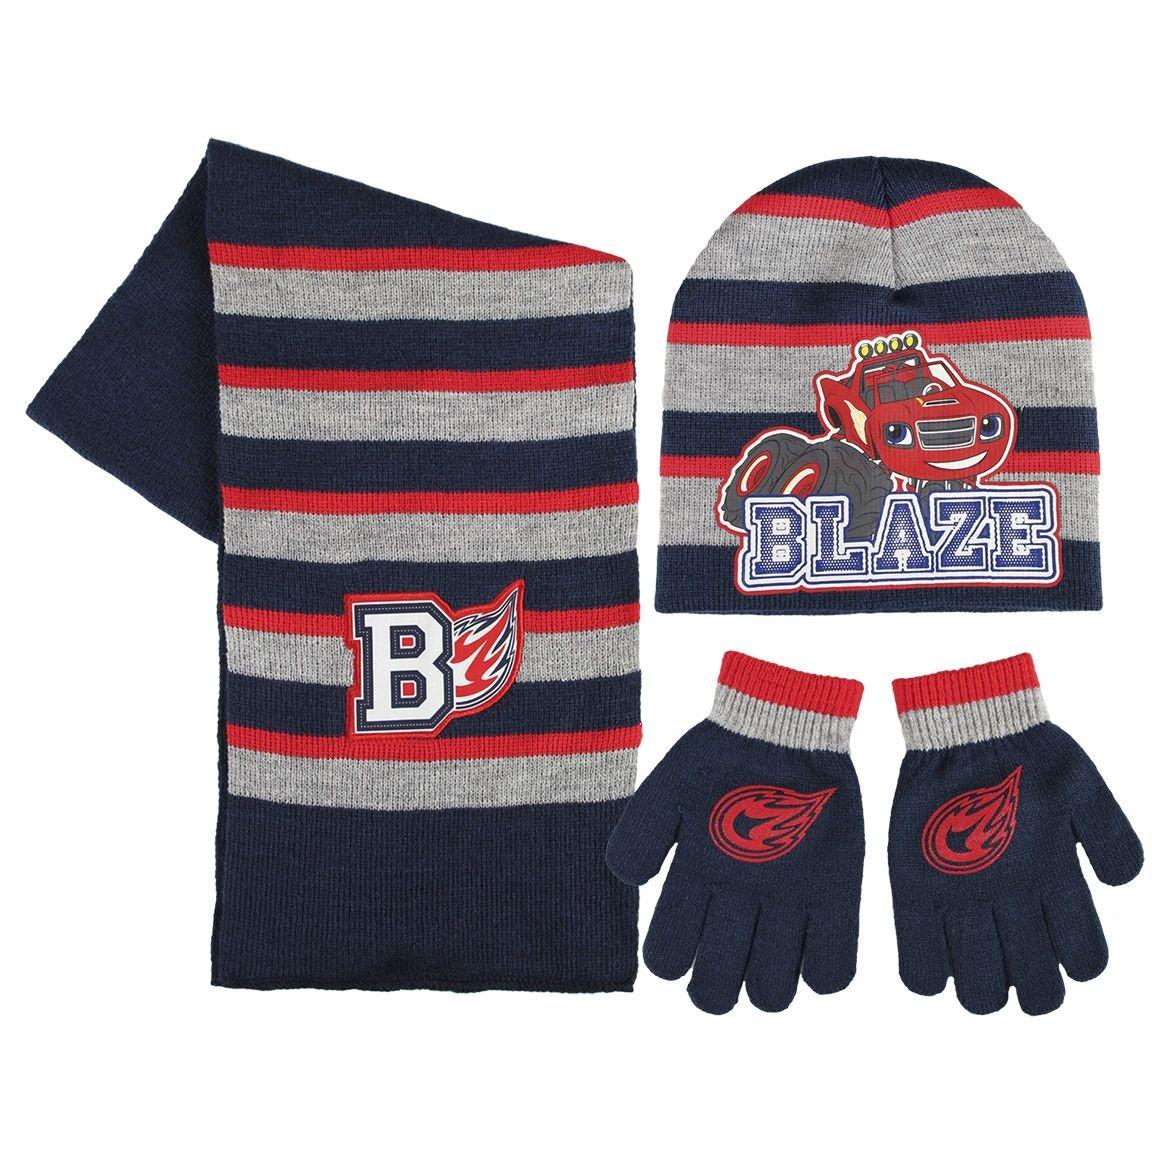 Podzimní / zimní sada oblečení Blaze